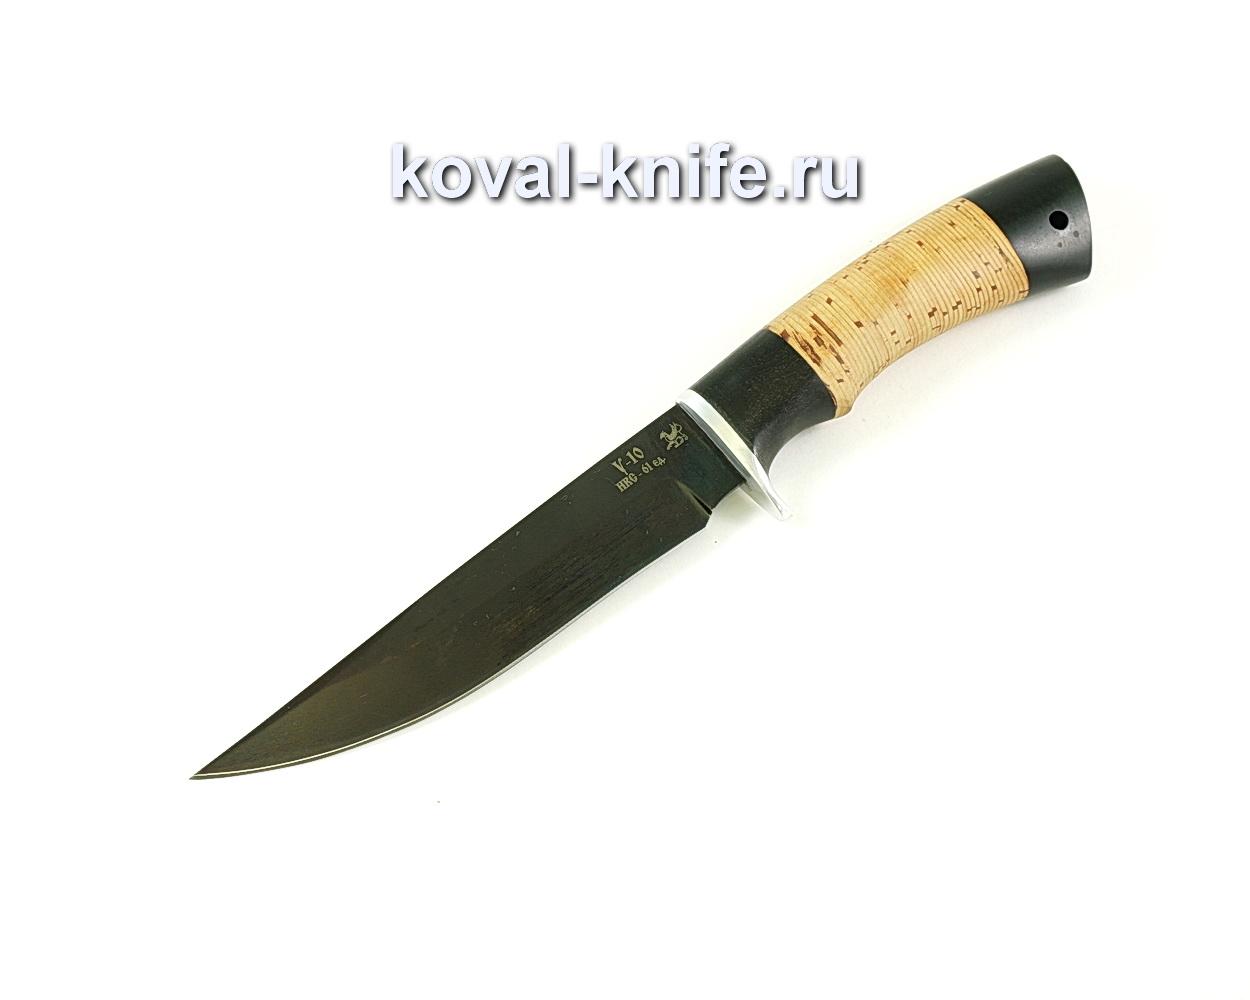 Нож Лис (сталь У10), рукоять граб, береста A076